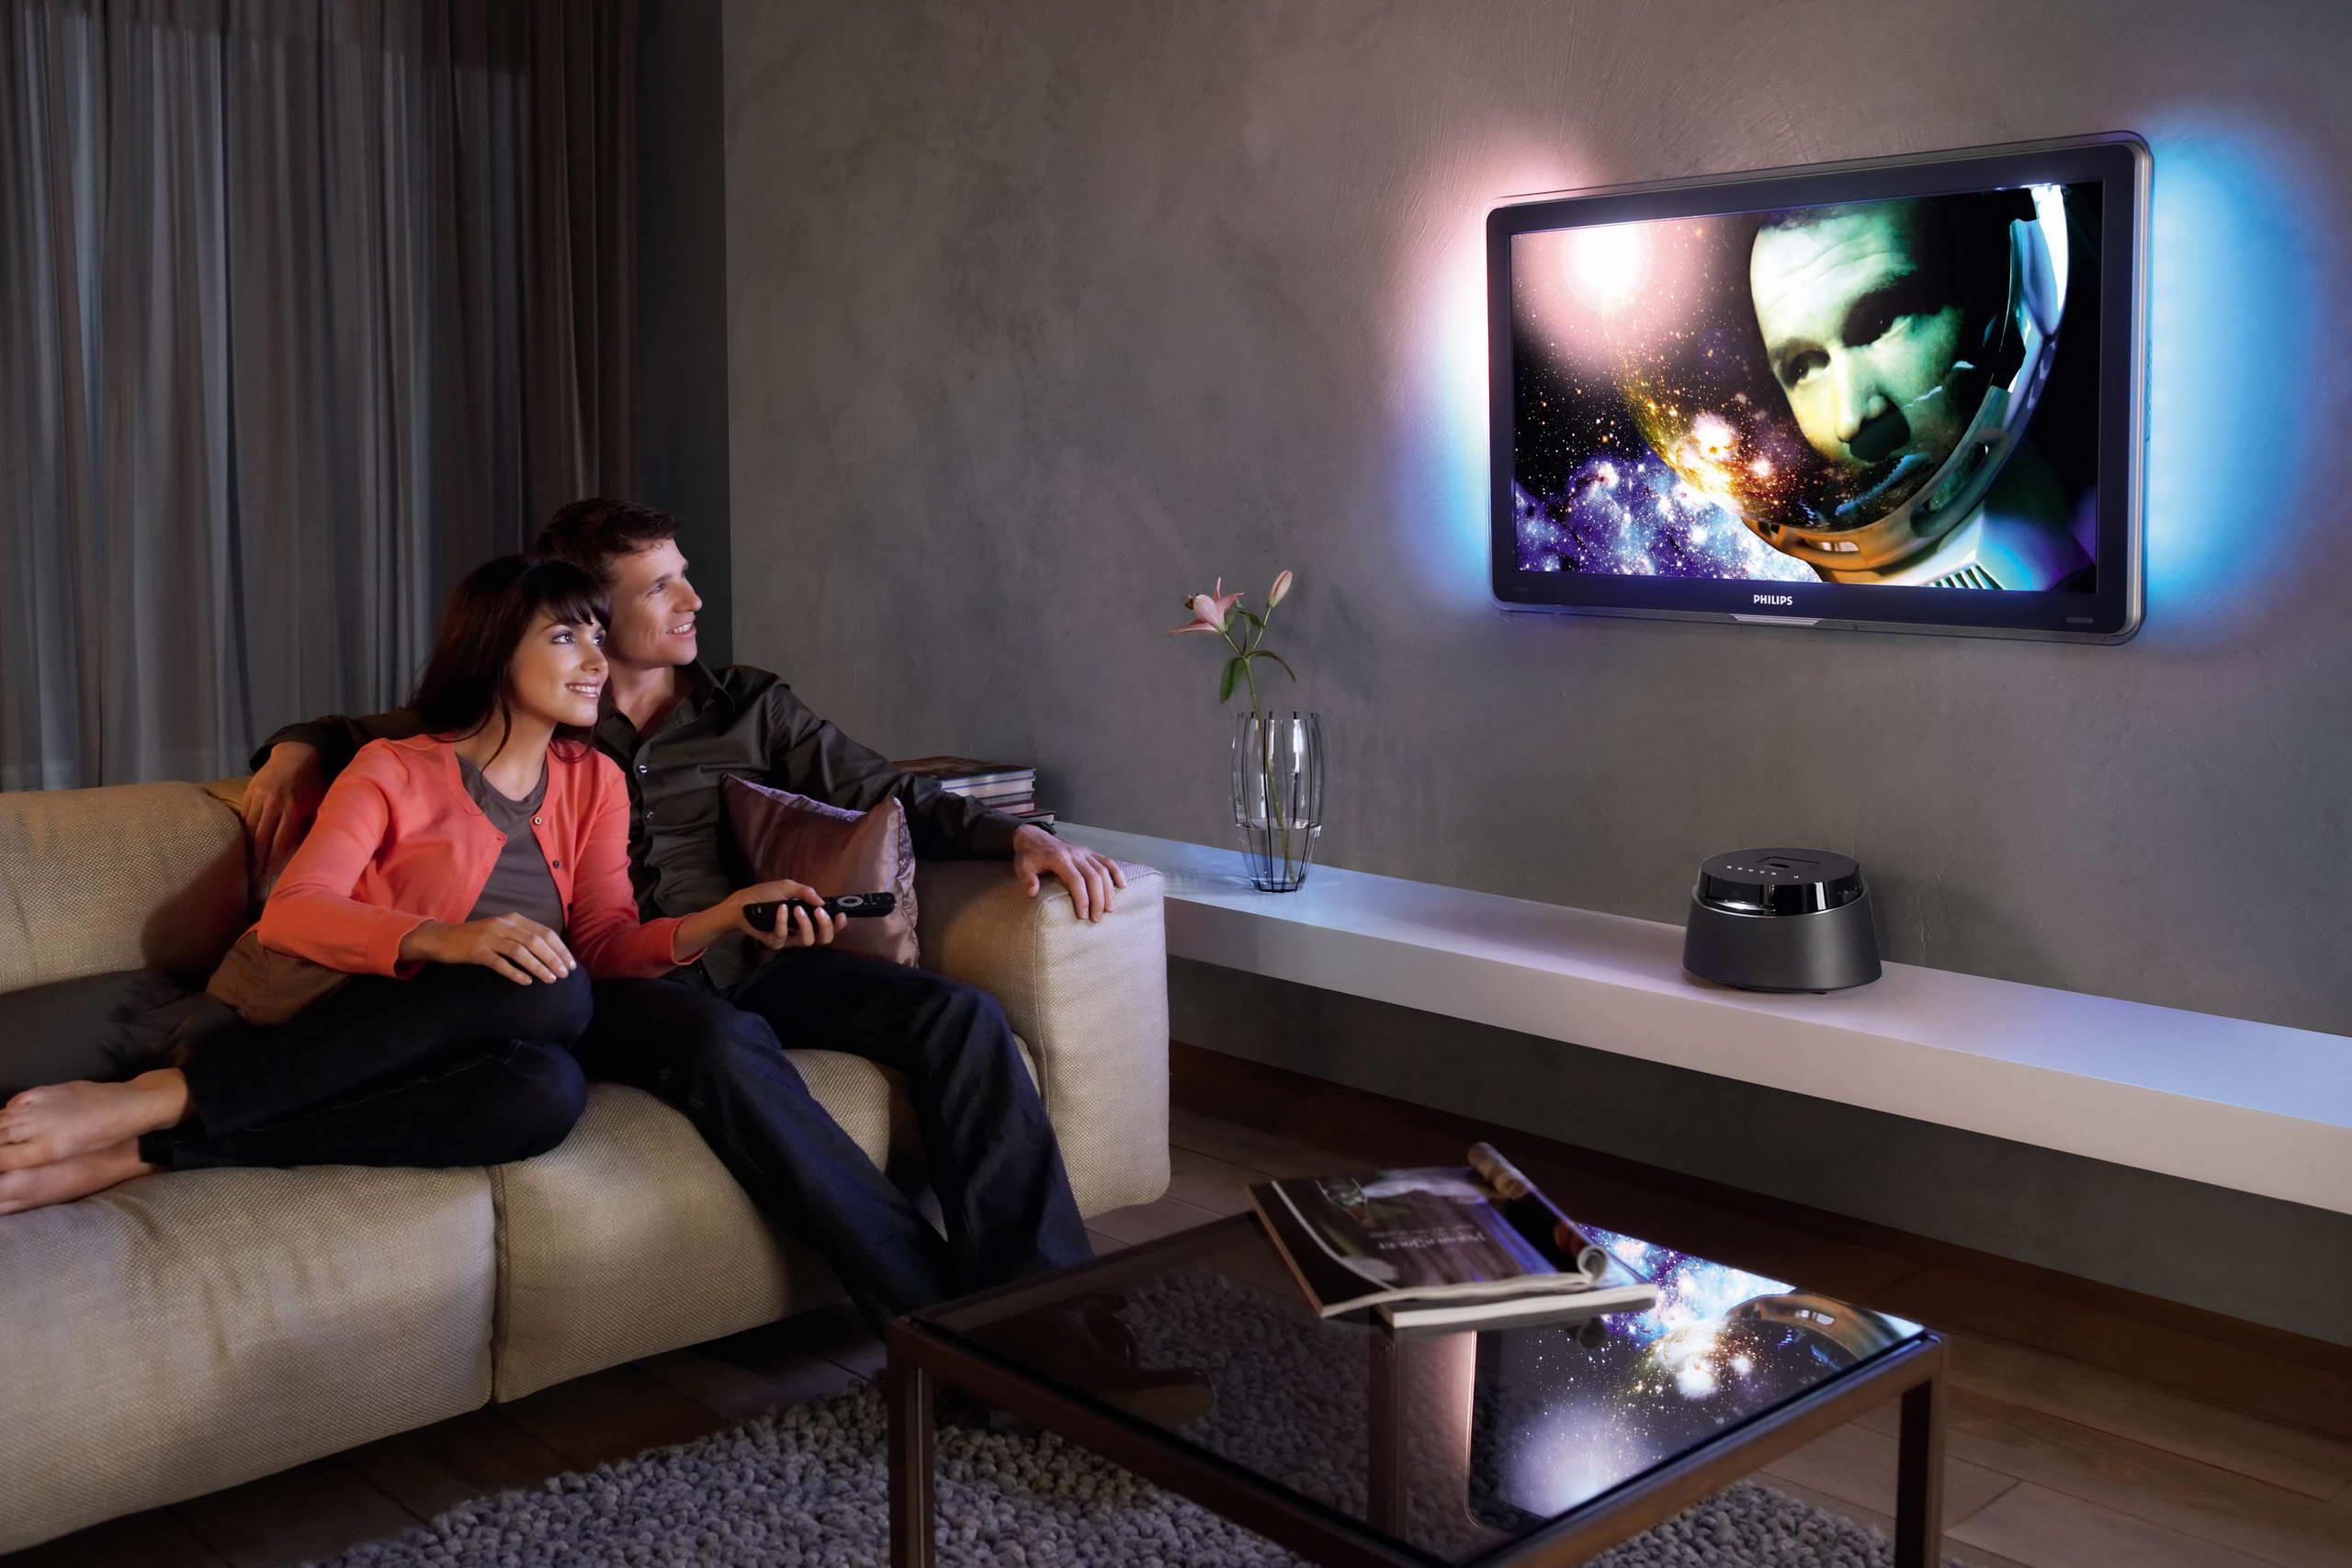 Смотреть эротические каналы спутникового тв онлайн бесплатно 25 фотография